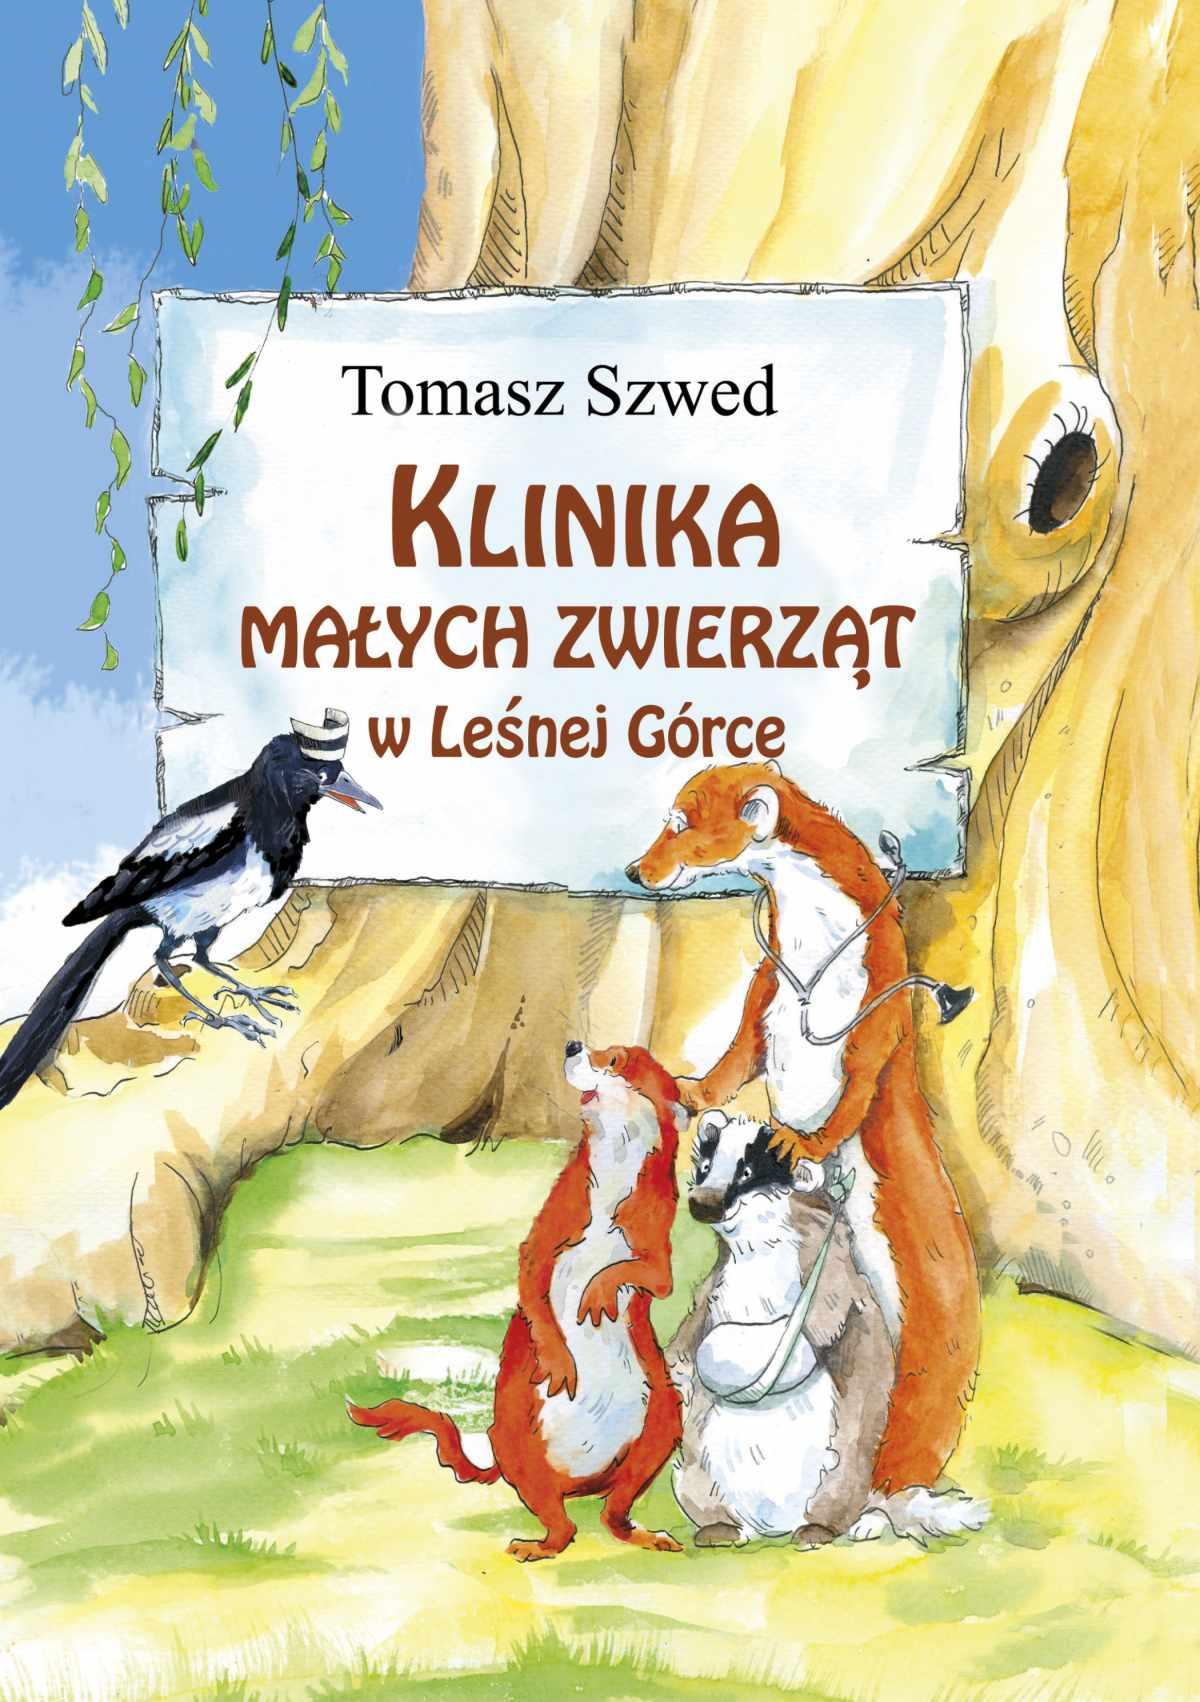 Klinika Małych Zwierząt w Leśnej Górce - Ebook (Książka EPUB) do pobrania w formacie EPUB